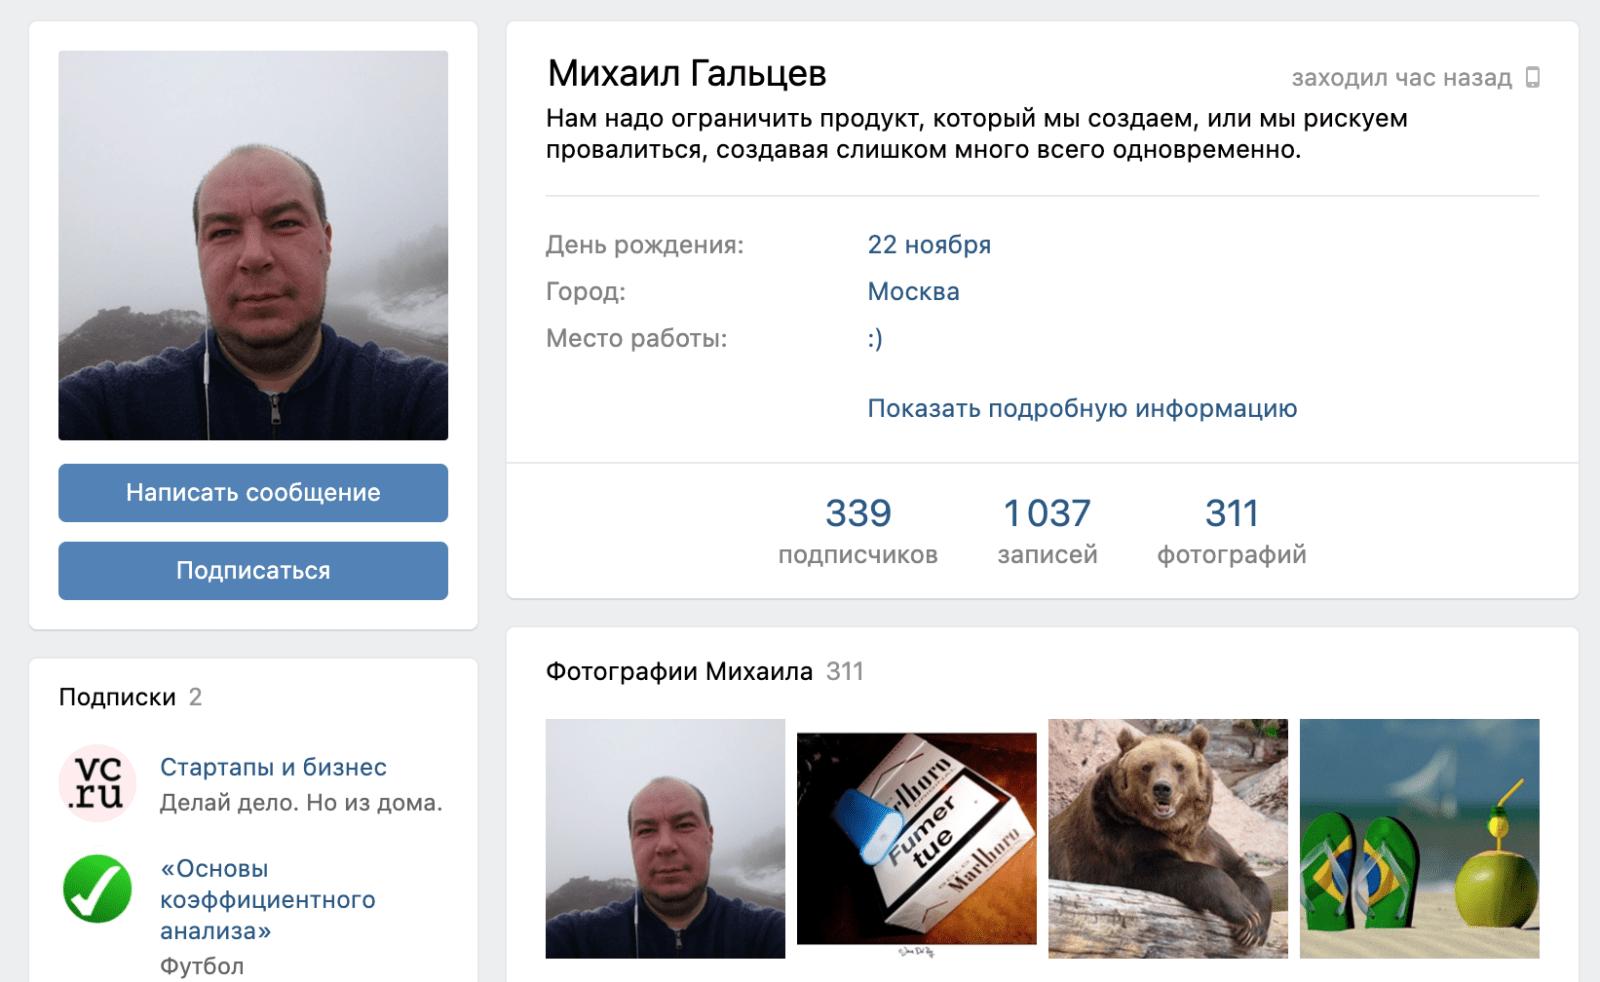 Страница ВК основателя Bet Baza com (Бет База ком) Михаила Гальцева